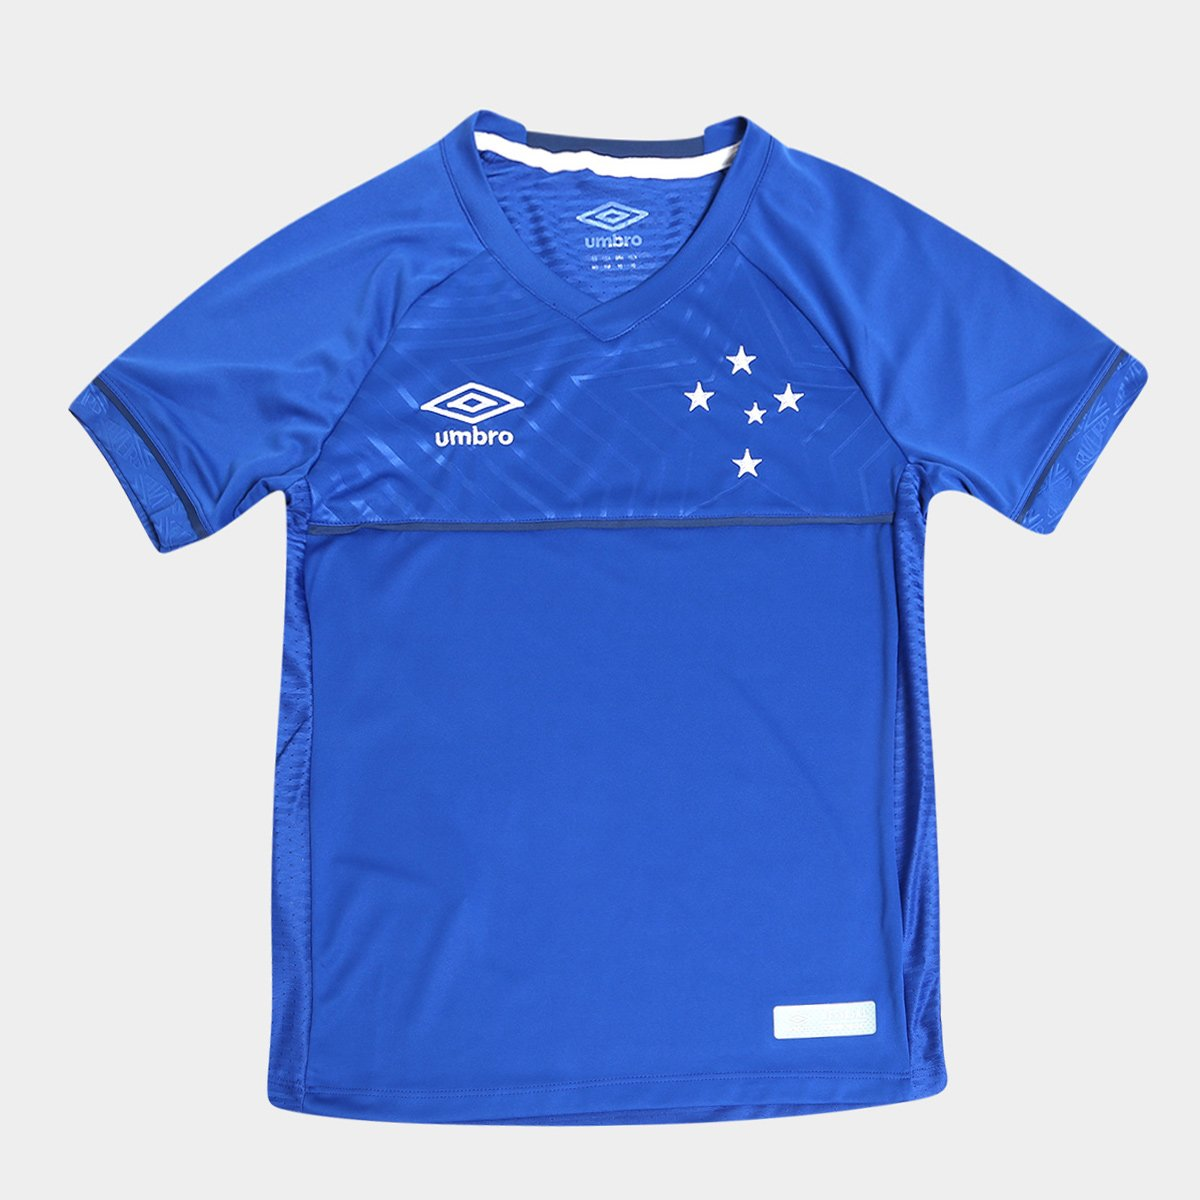 e Branco I 19 Infantil Camisa Umbro Cruzeiro Azul 18 Torcedor s n° 4wqZvP7Z